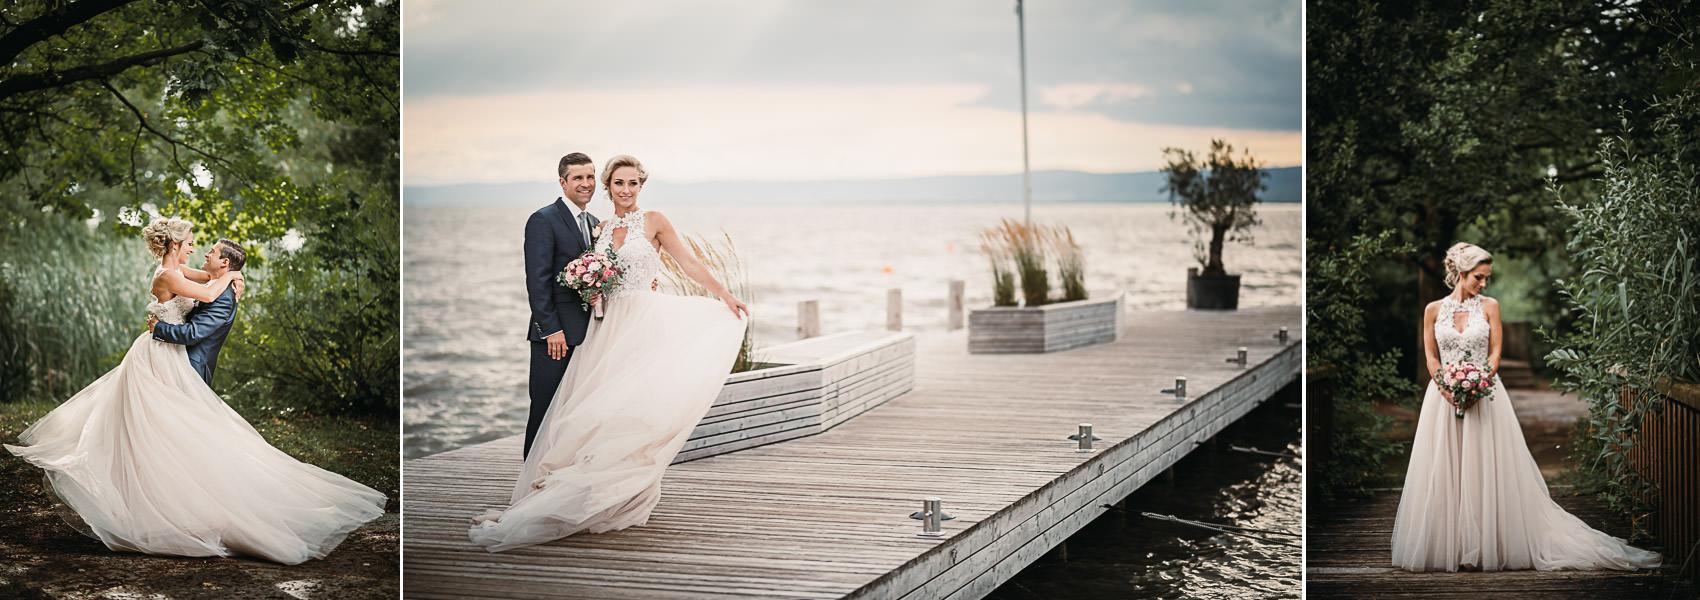 2- Hochzeitsfotograf Kärnten